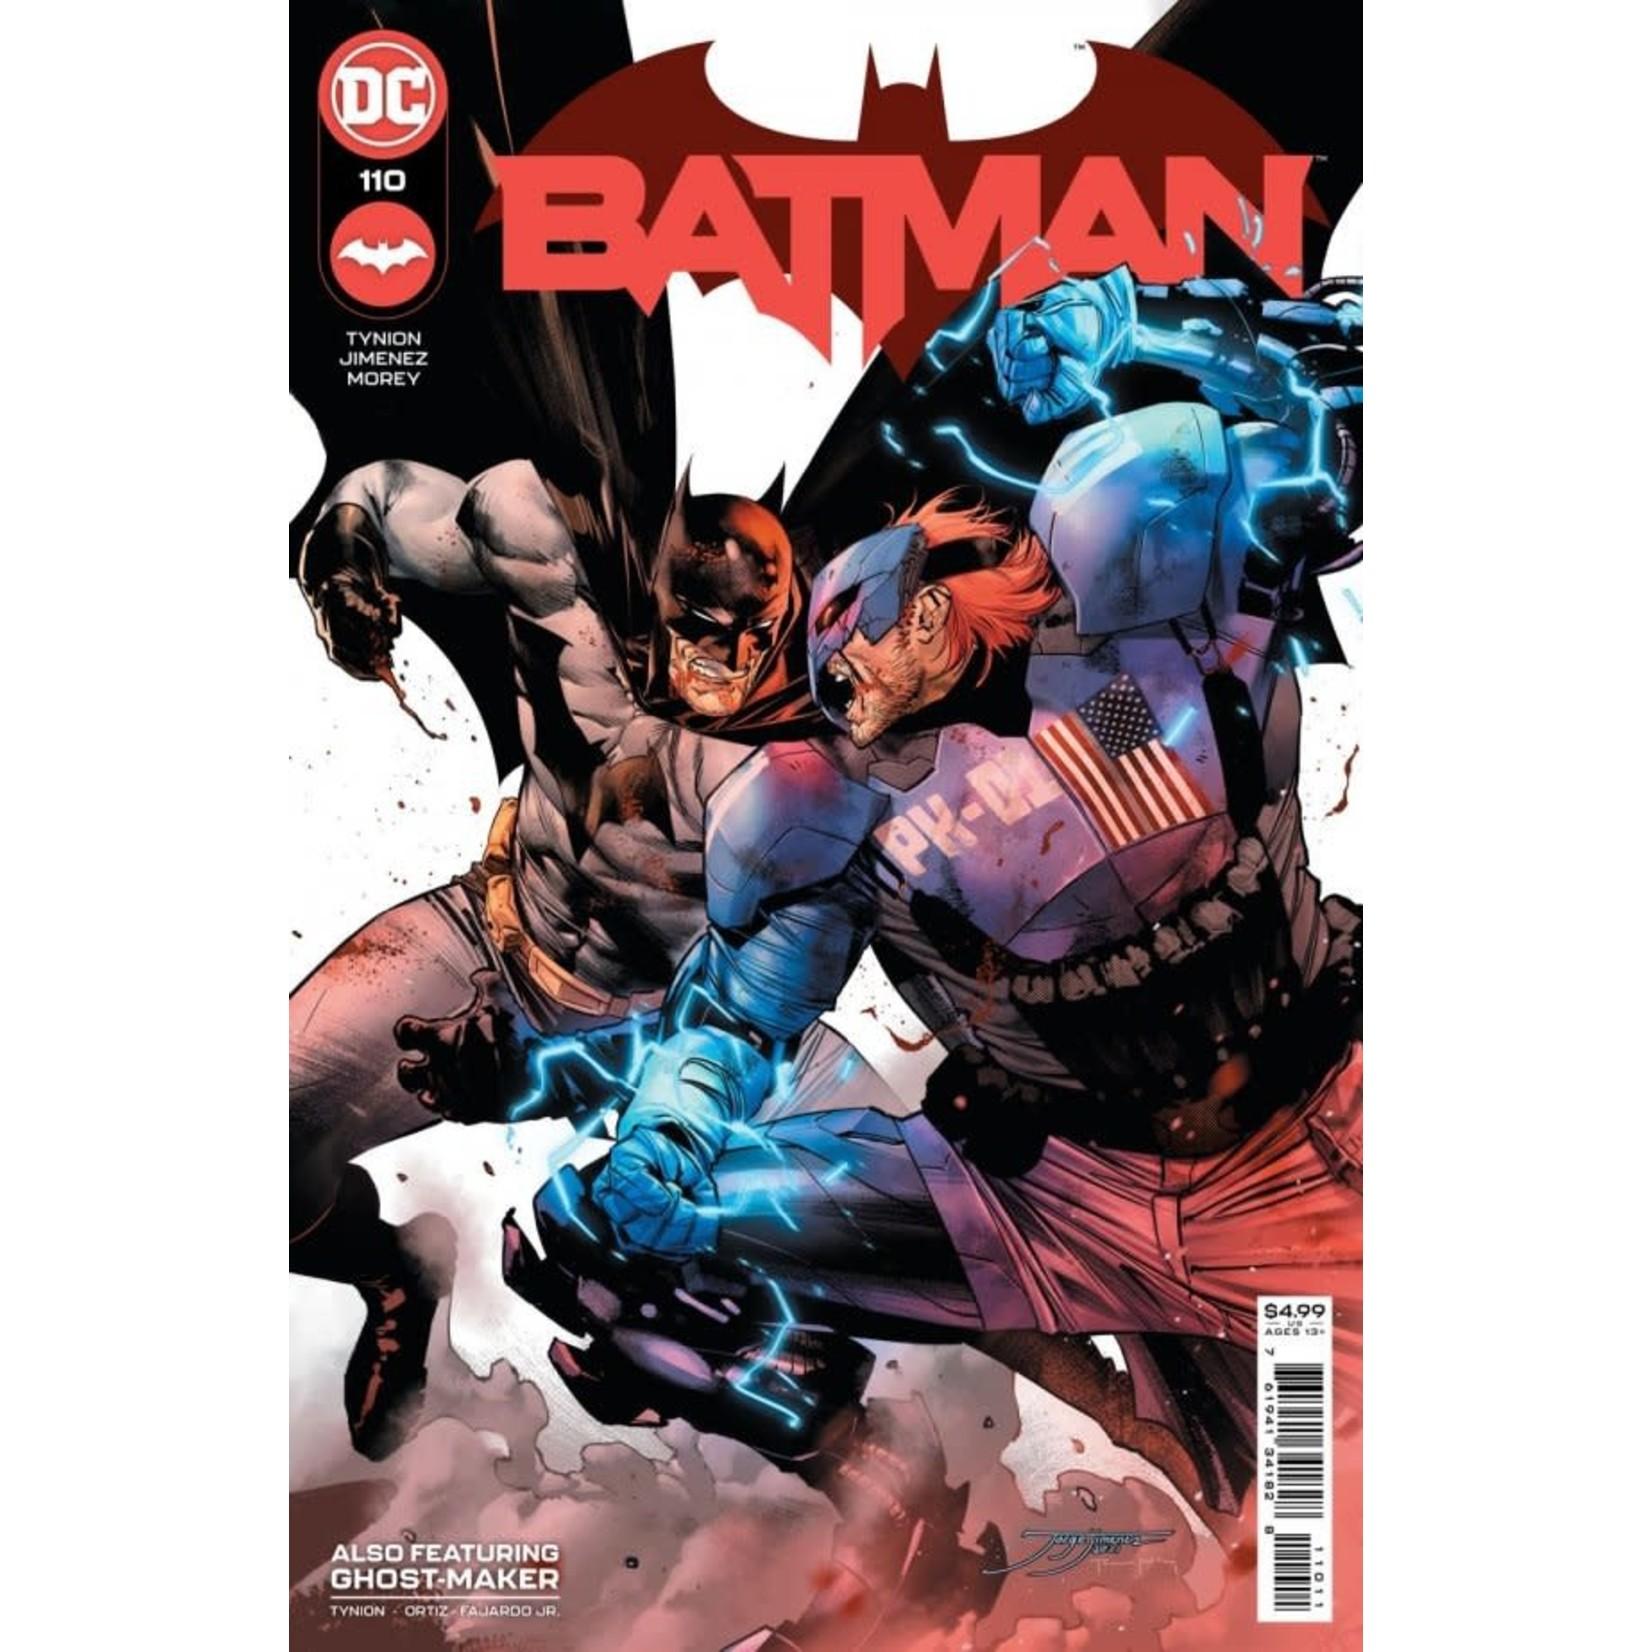 DC Comics Batman #110